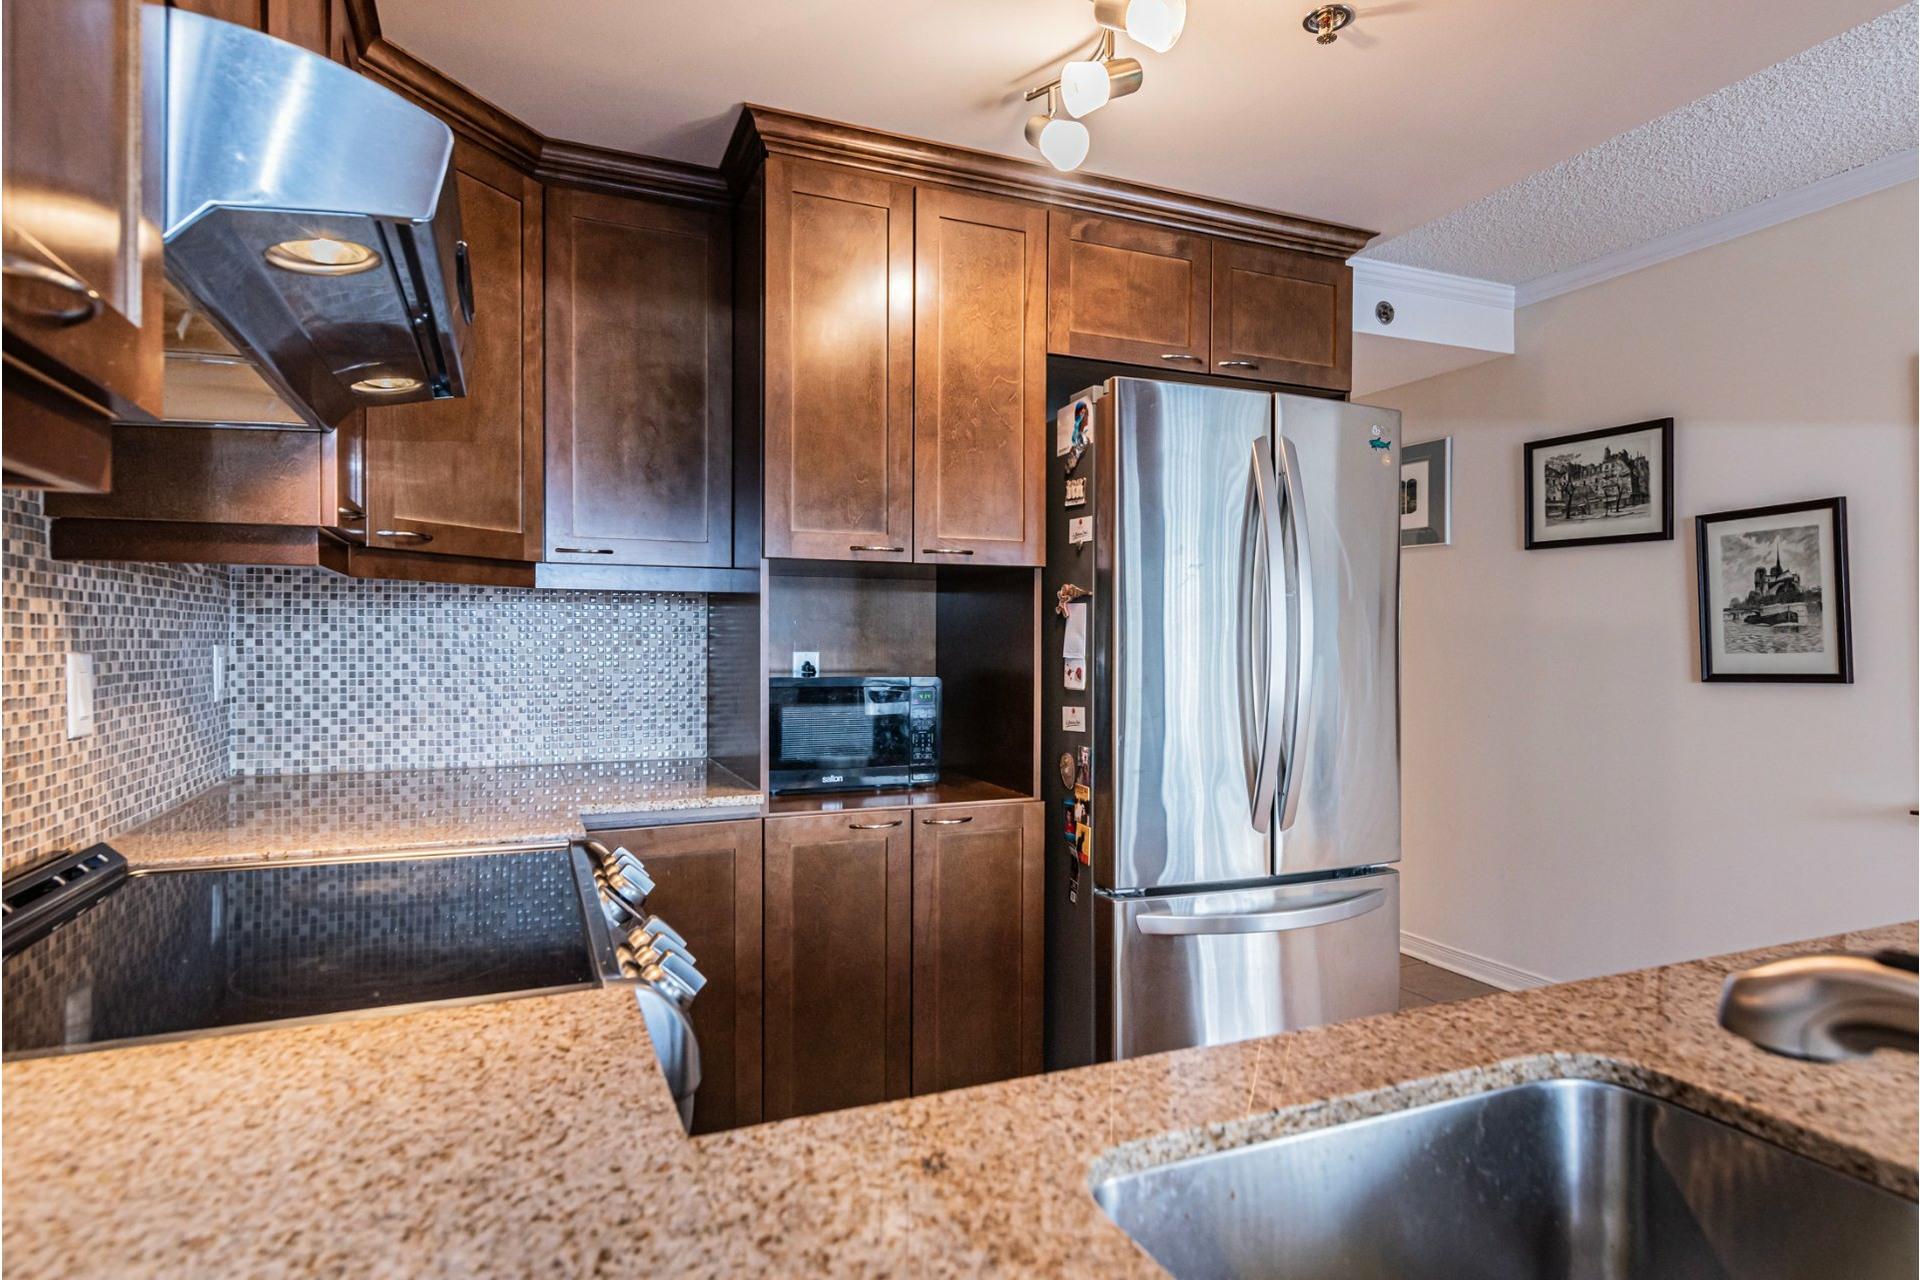 image 6 - Apartment For sale Lachine Montréal  - 7 rooms